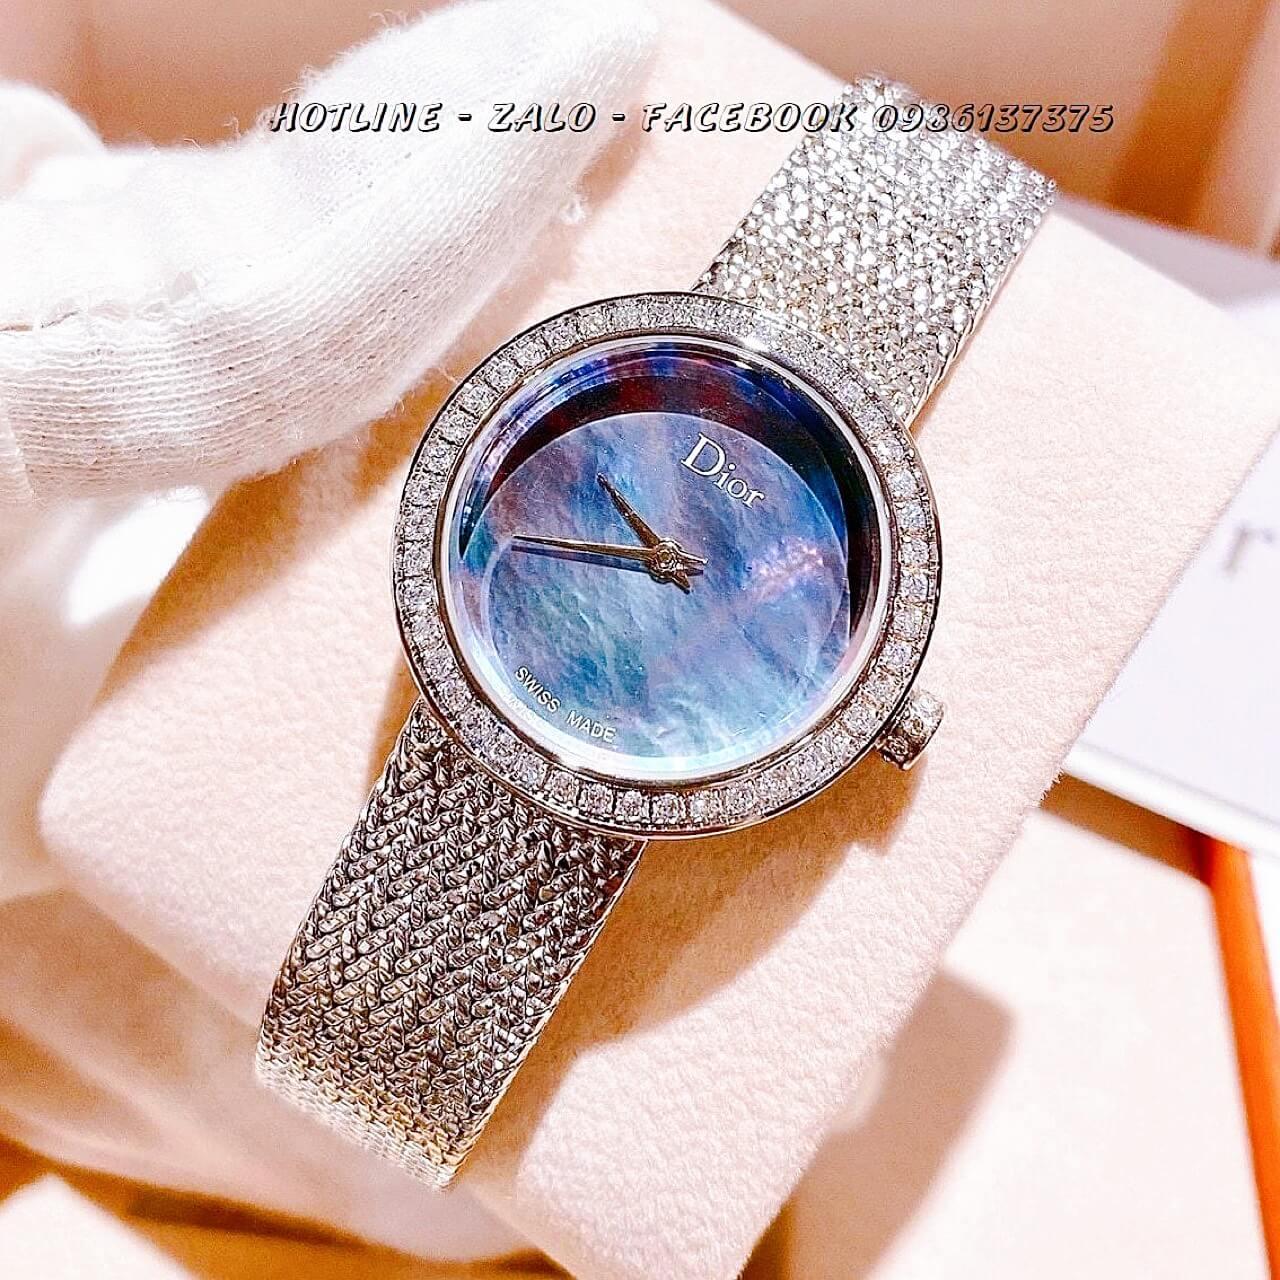 Đồng Hồ Dior Nữ Dây Bạc Mặt Xanh Xà Cừ 31mm